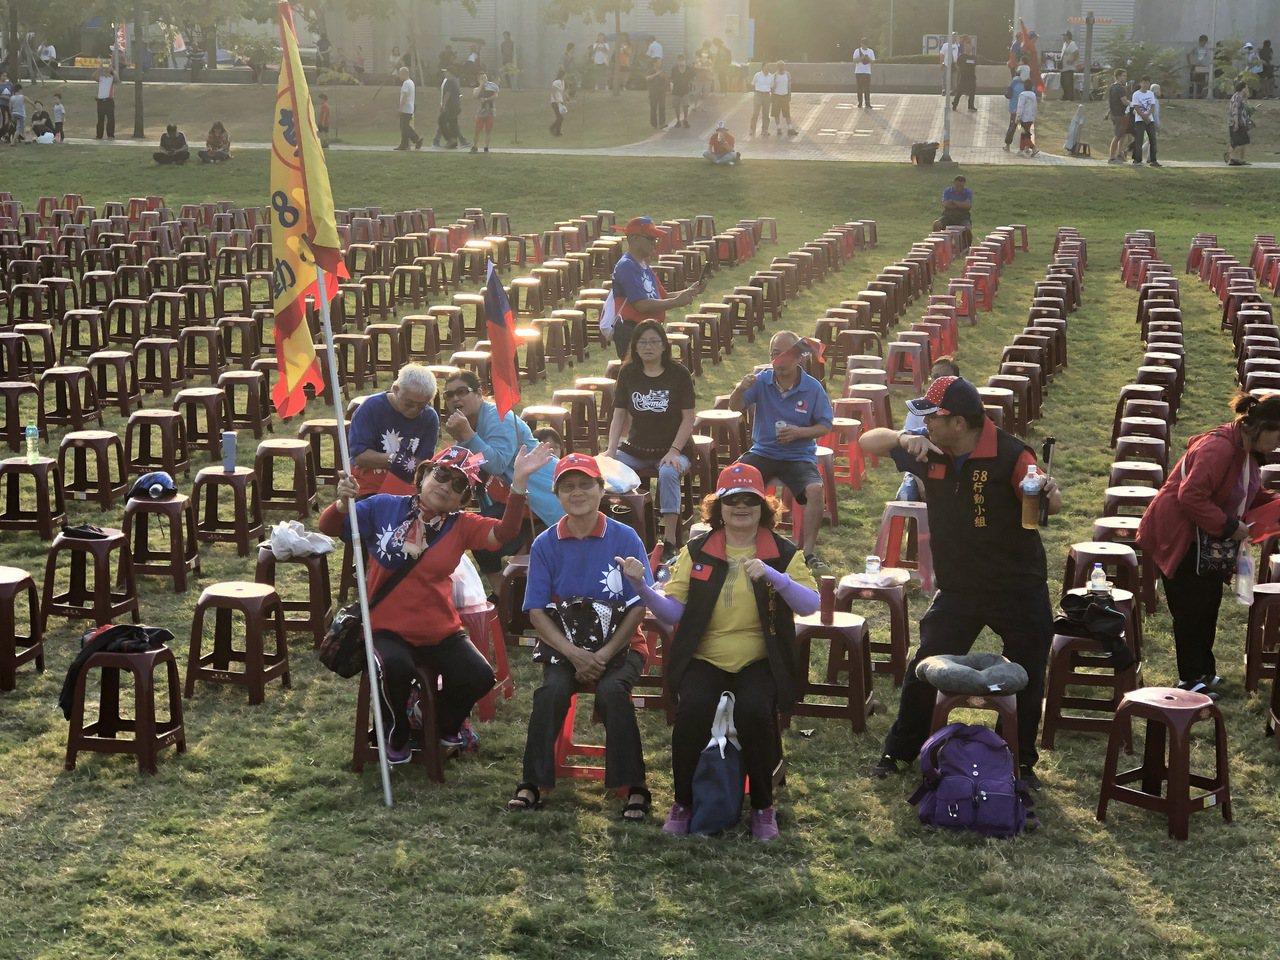 韓國瑜嘉義市造勢前夕 韓粉占位揮舞國旗